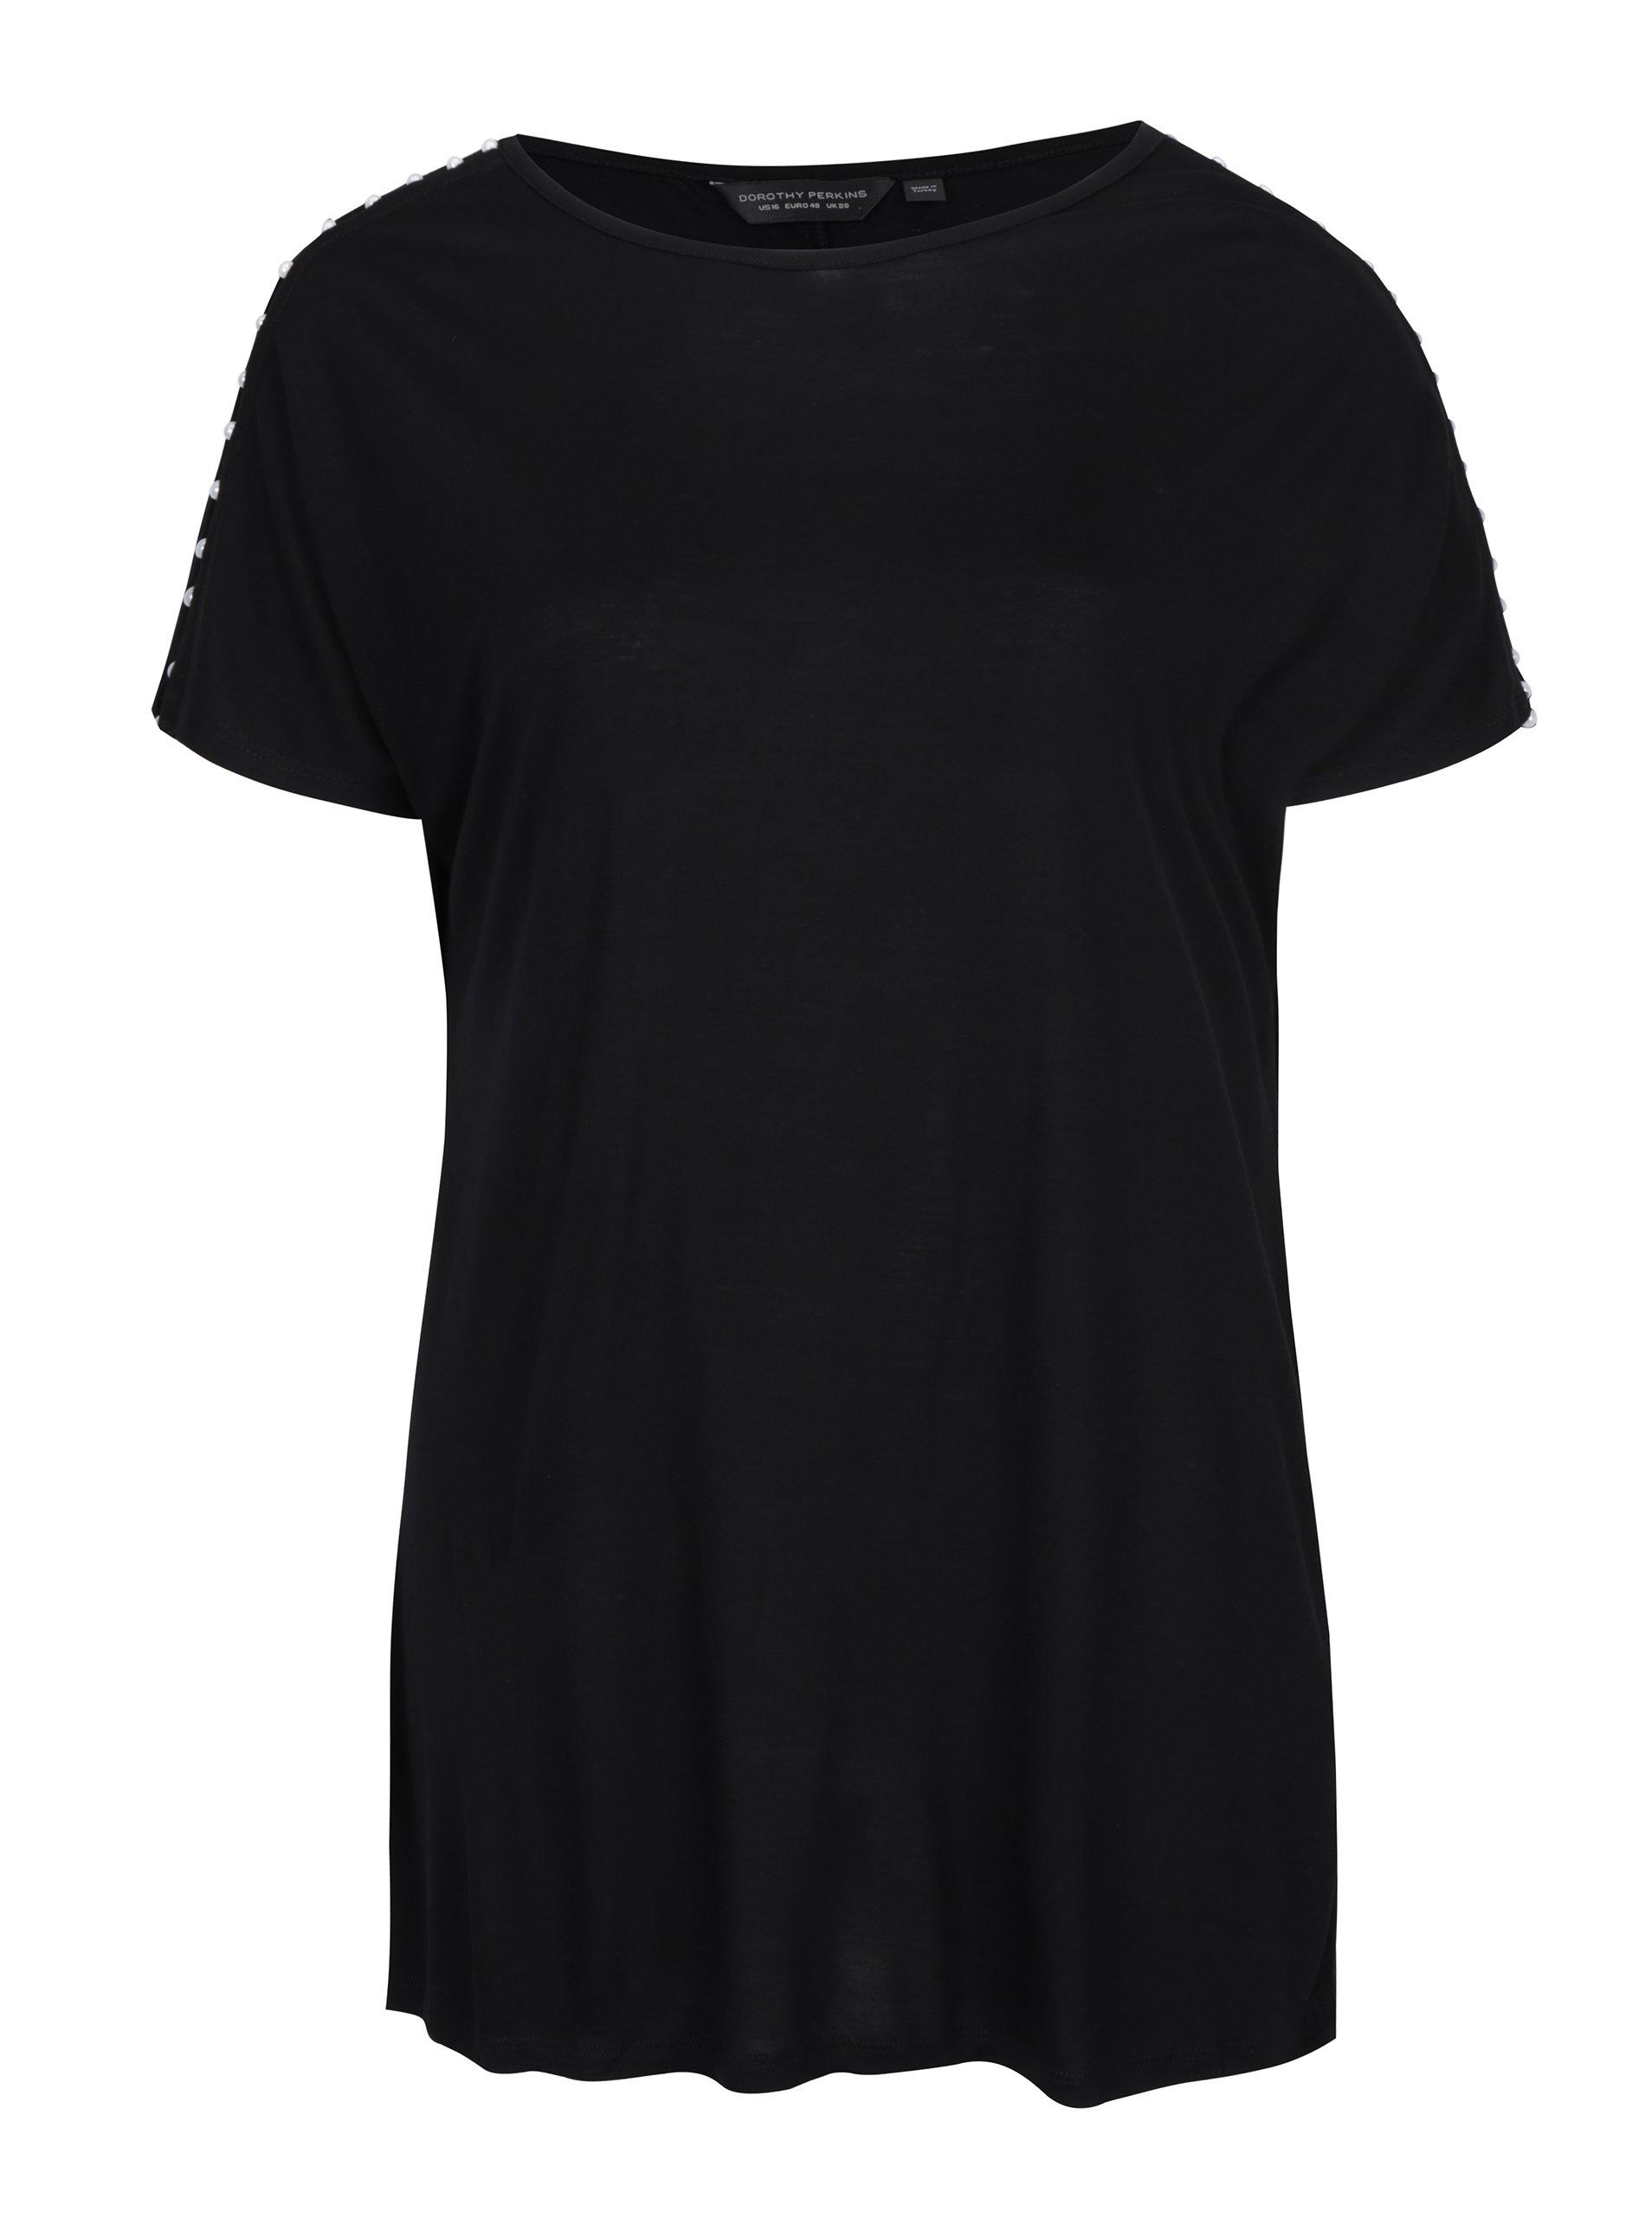 Černé dlouhé tričko s aplikací na ramenou Dorothy Perkins Curve